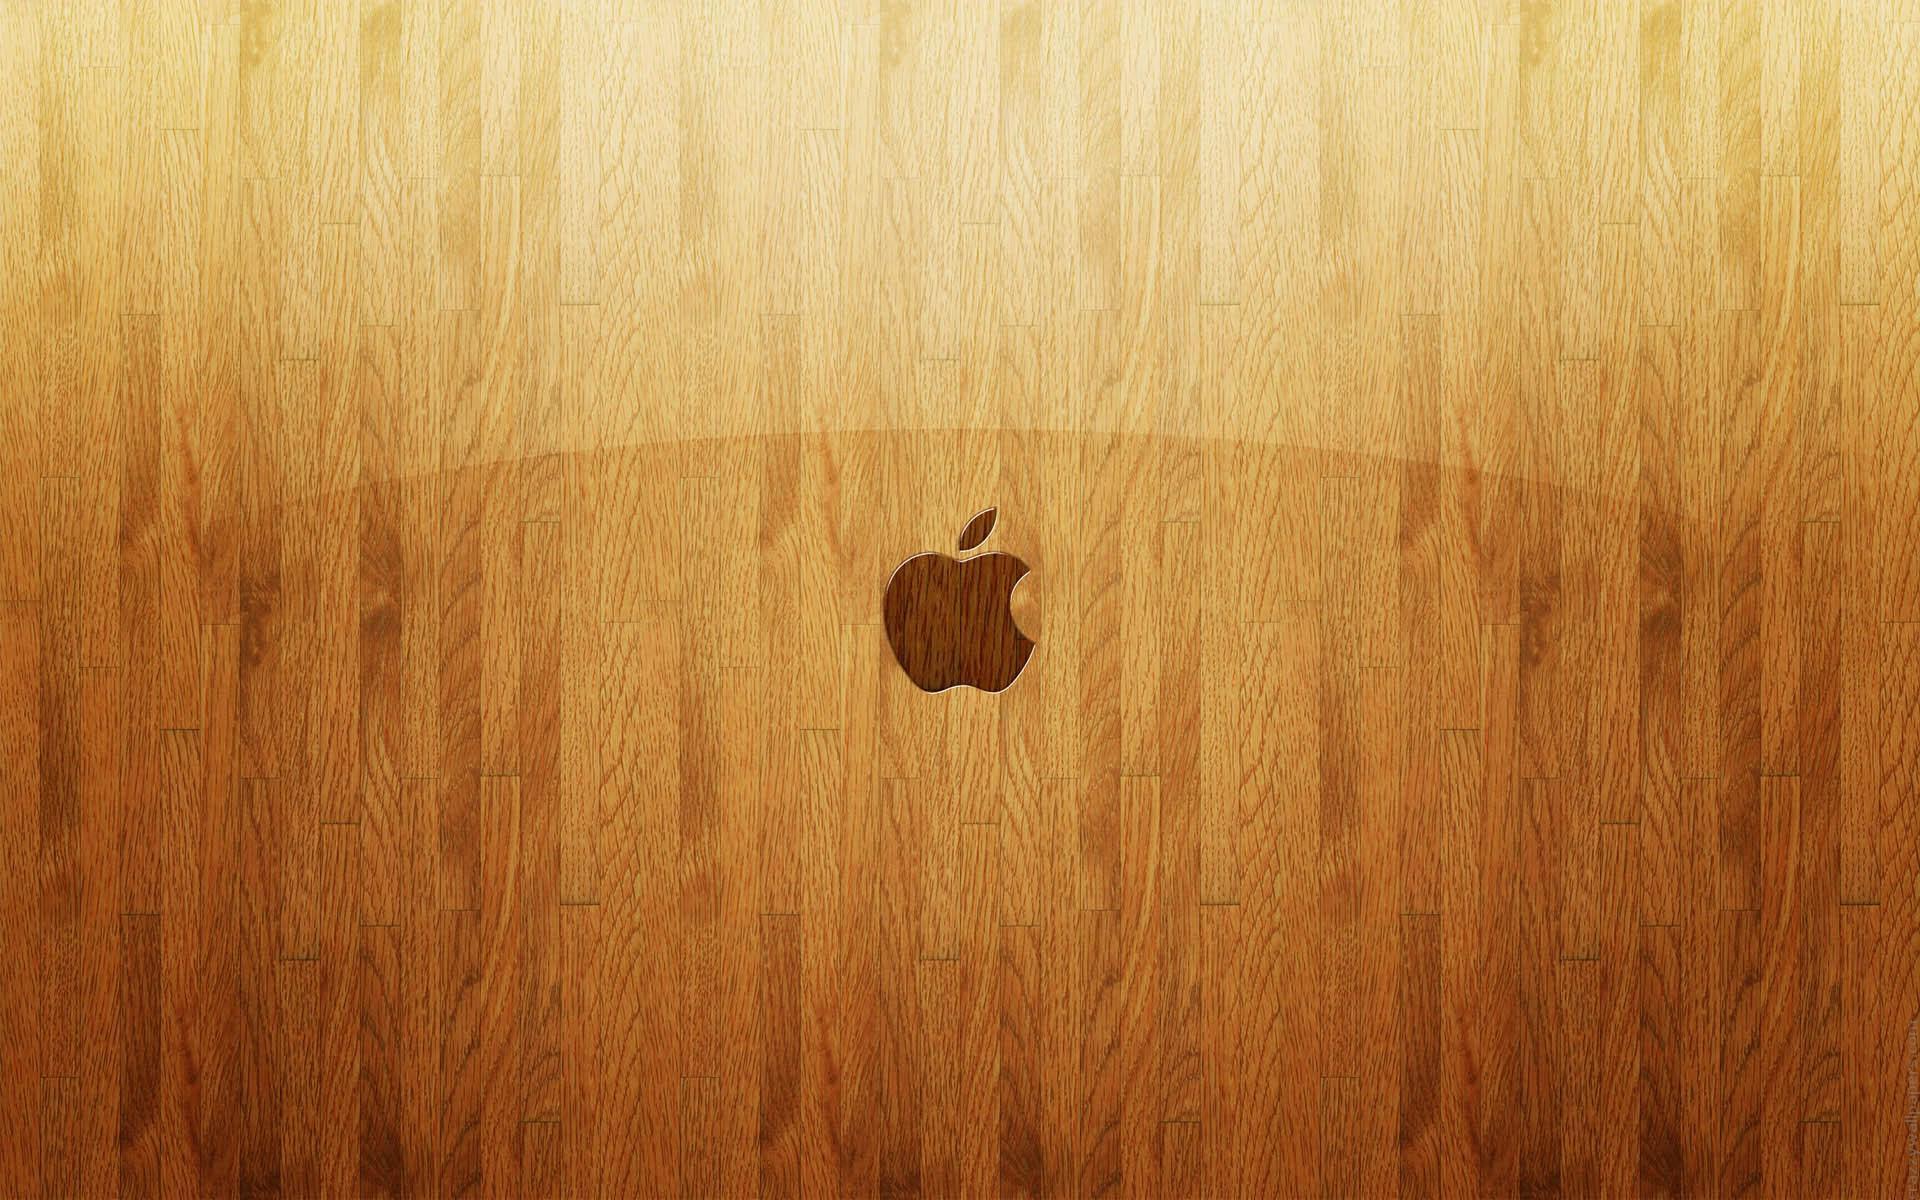 fond-ecran-apple_gratuit_02